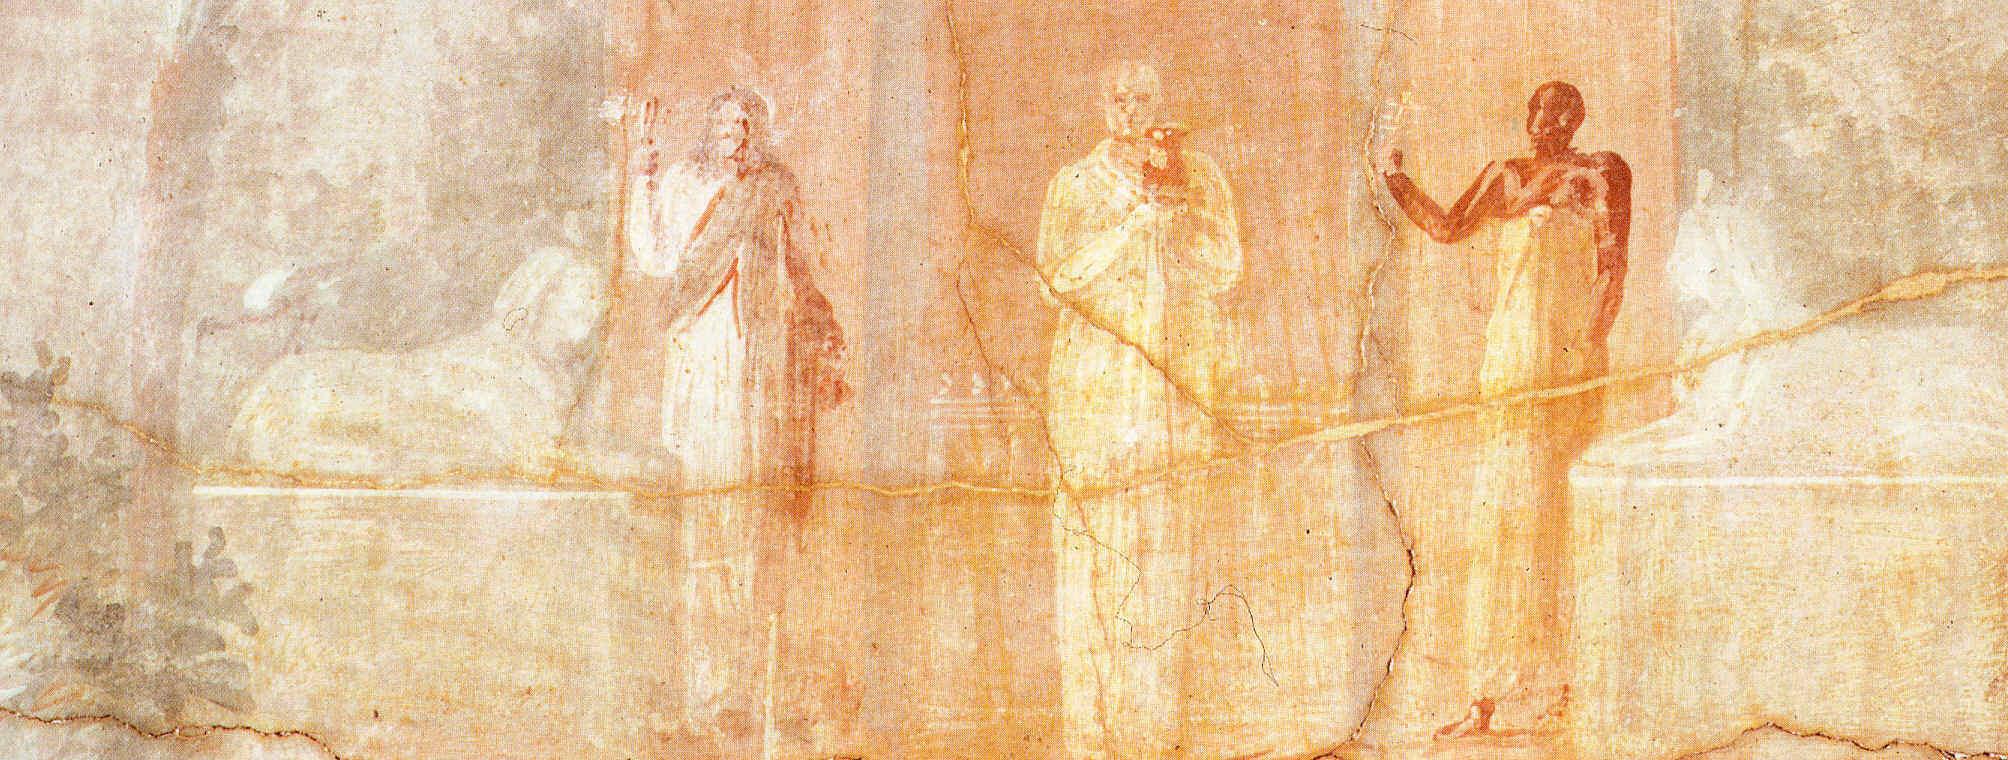 Préstamos egipcios en el Cristianismo